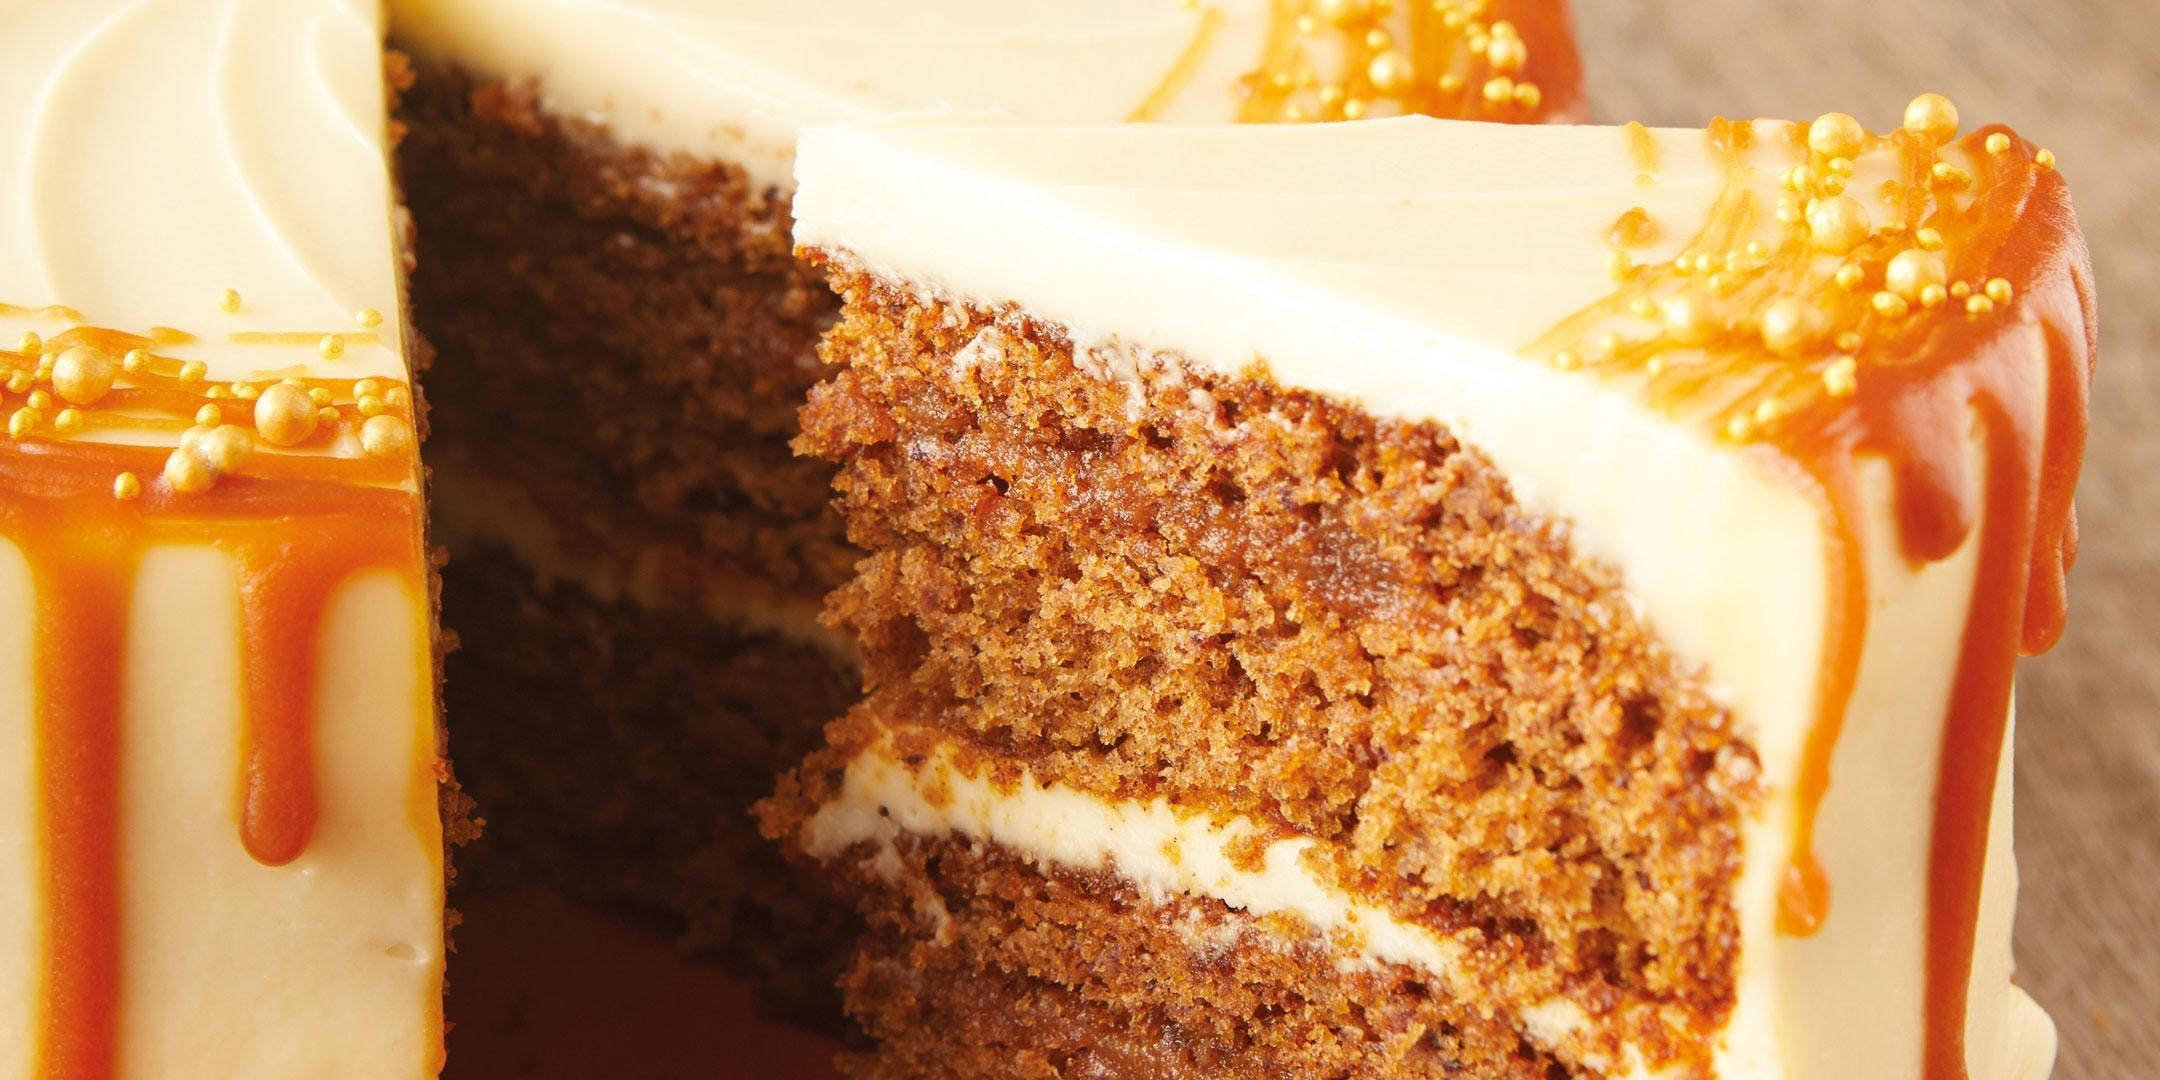 Bottomless Cake & Prosecco (Borough Market)